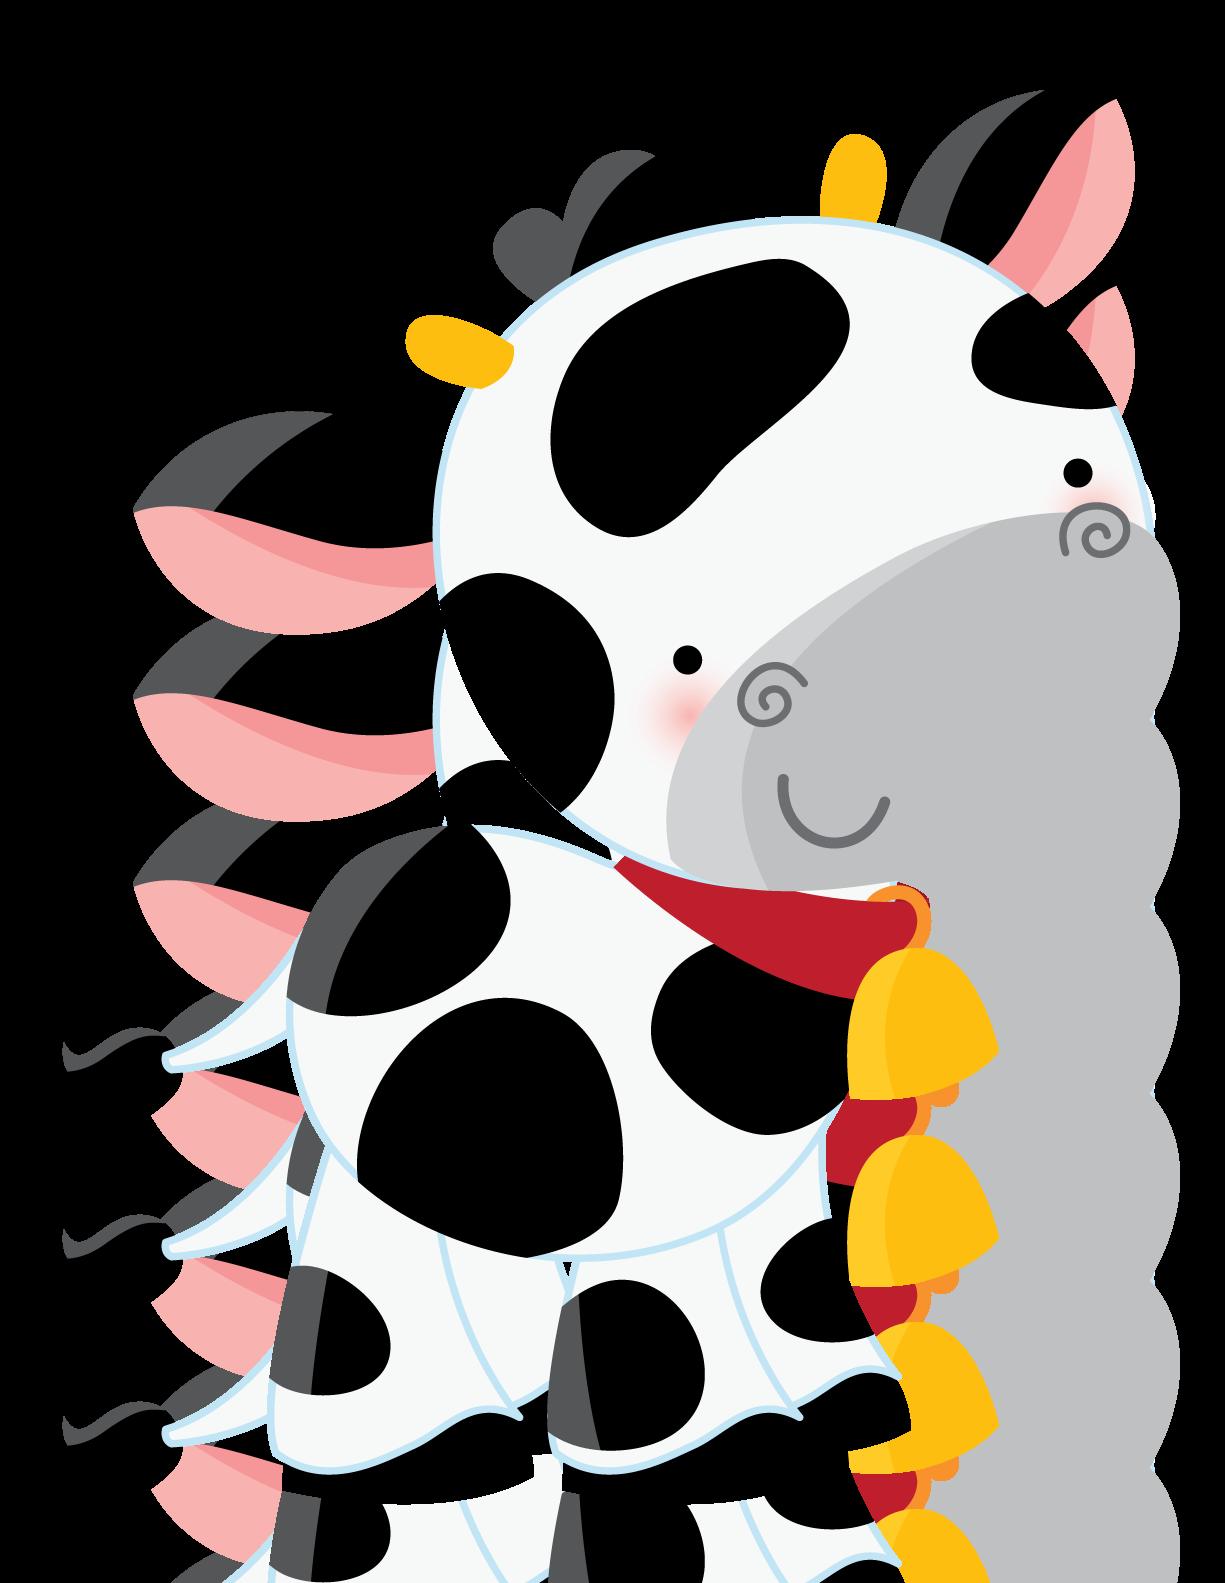 Cow clip art vaquitas. Farming clipart happy